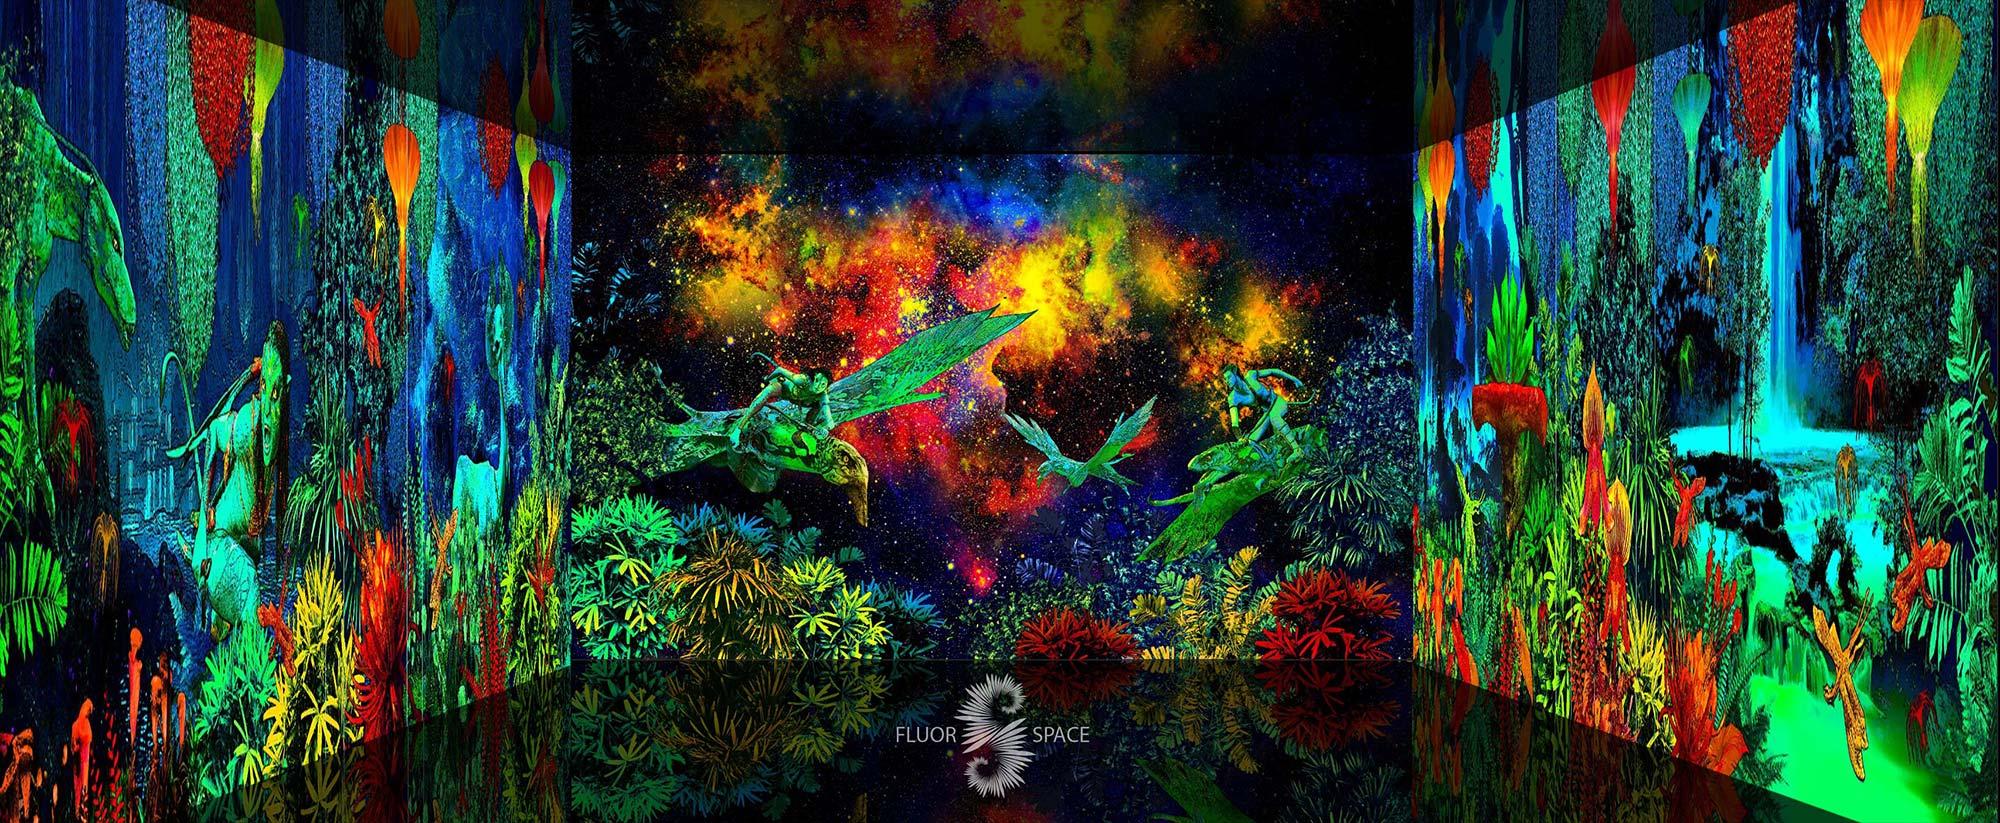 Инопланетные джунгли - флуоресцентные хроматические 3D декорации